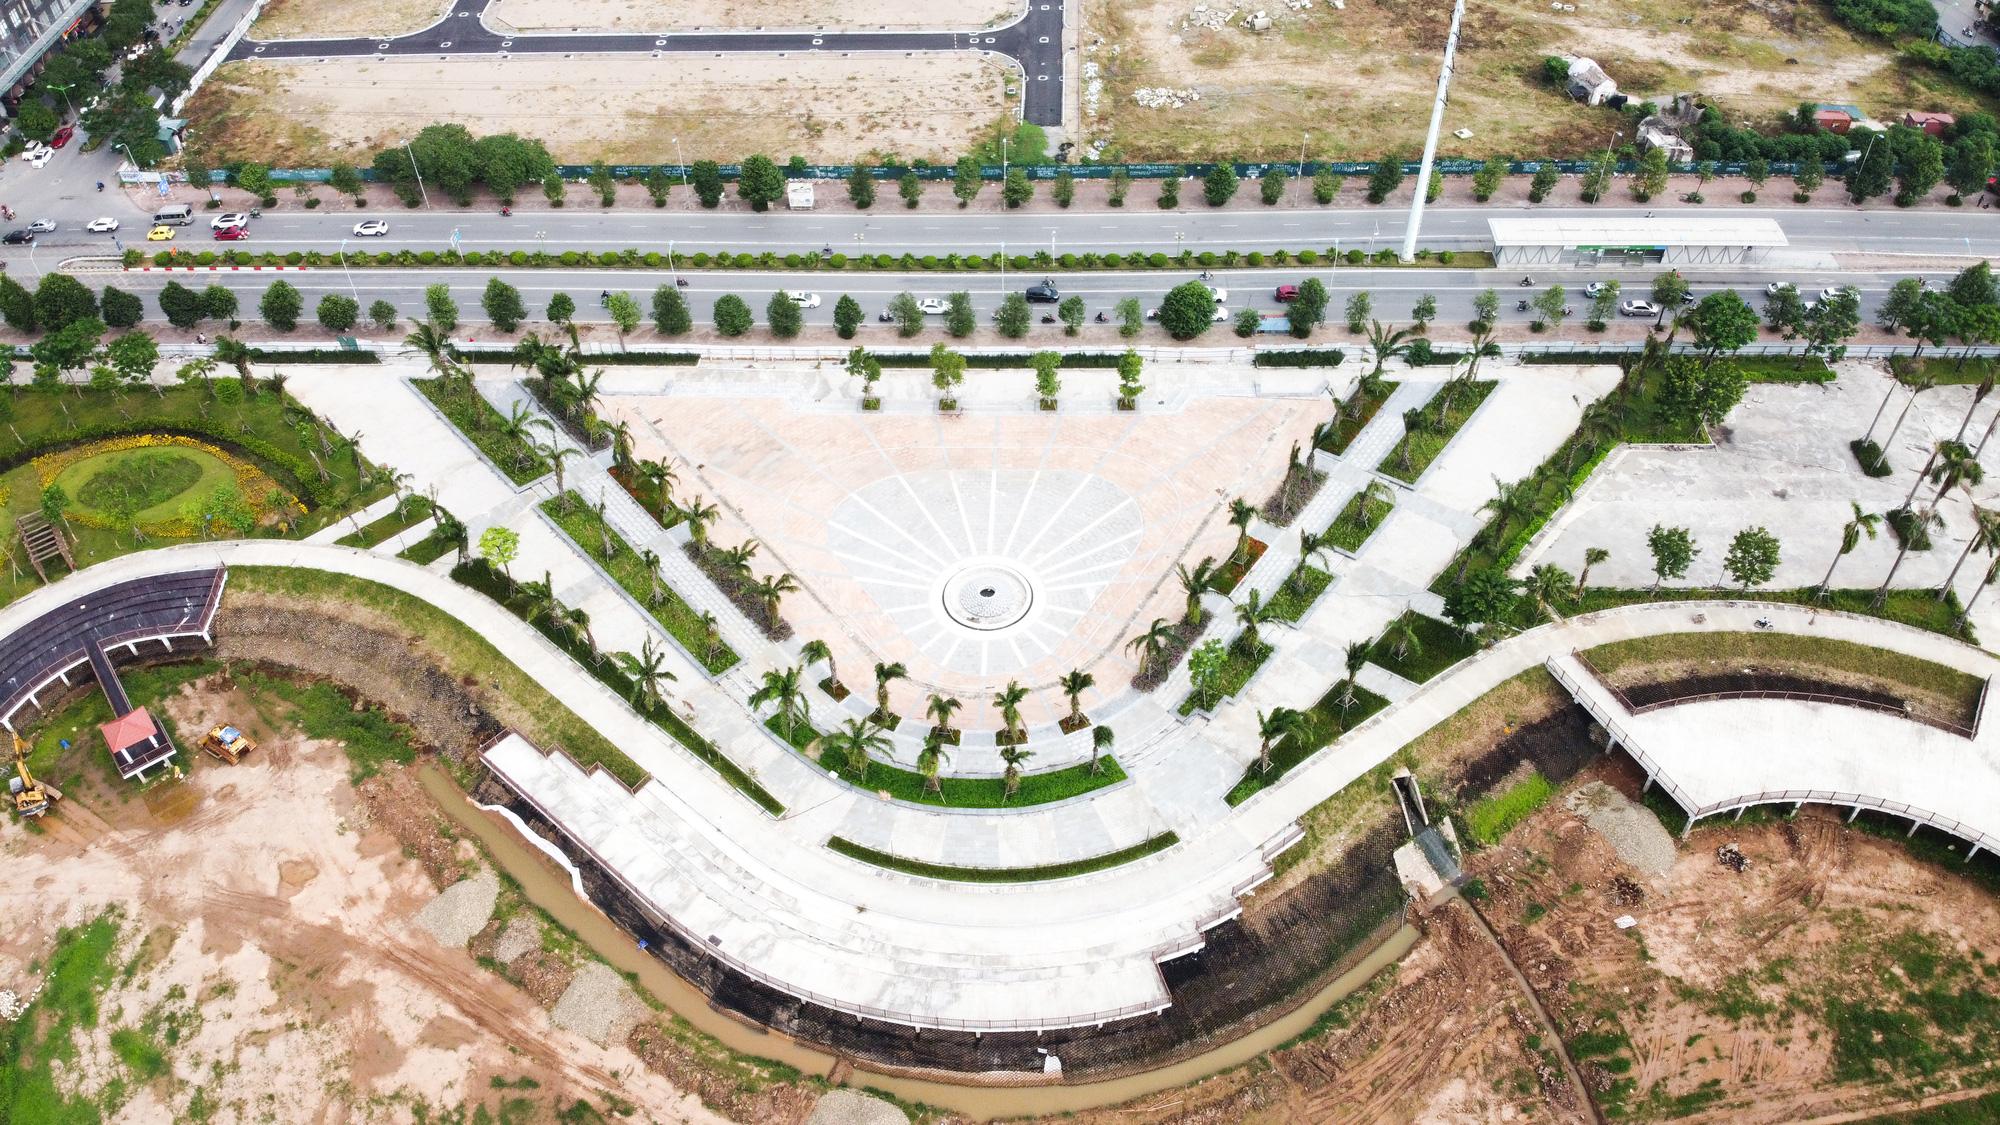 Công viên điều hòa Phùng Khoang nằm im sau 4 năm động thổ - Ảnh 9.